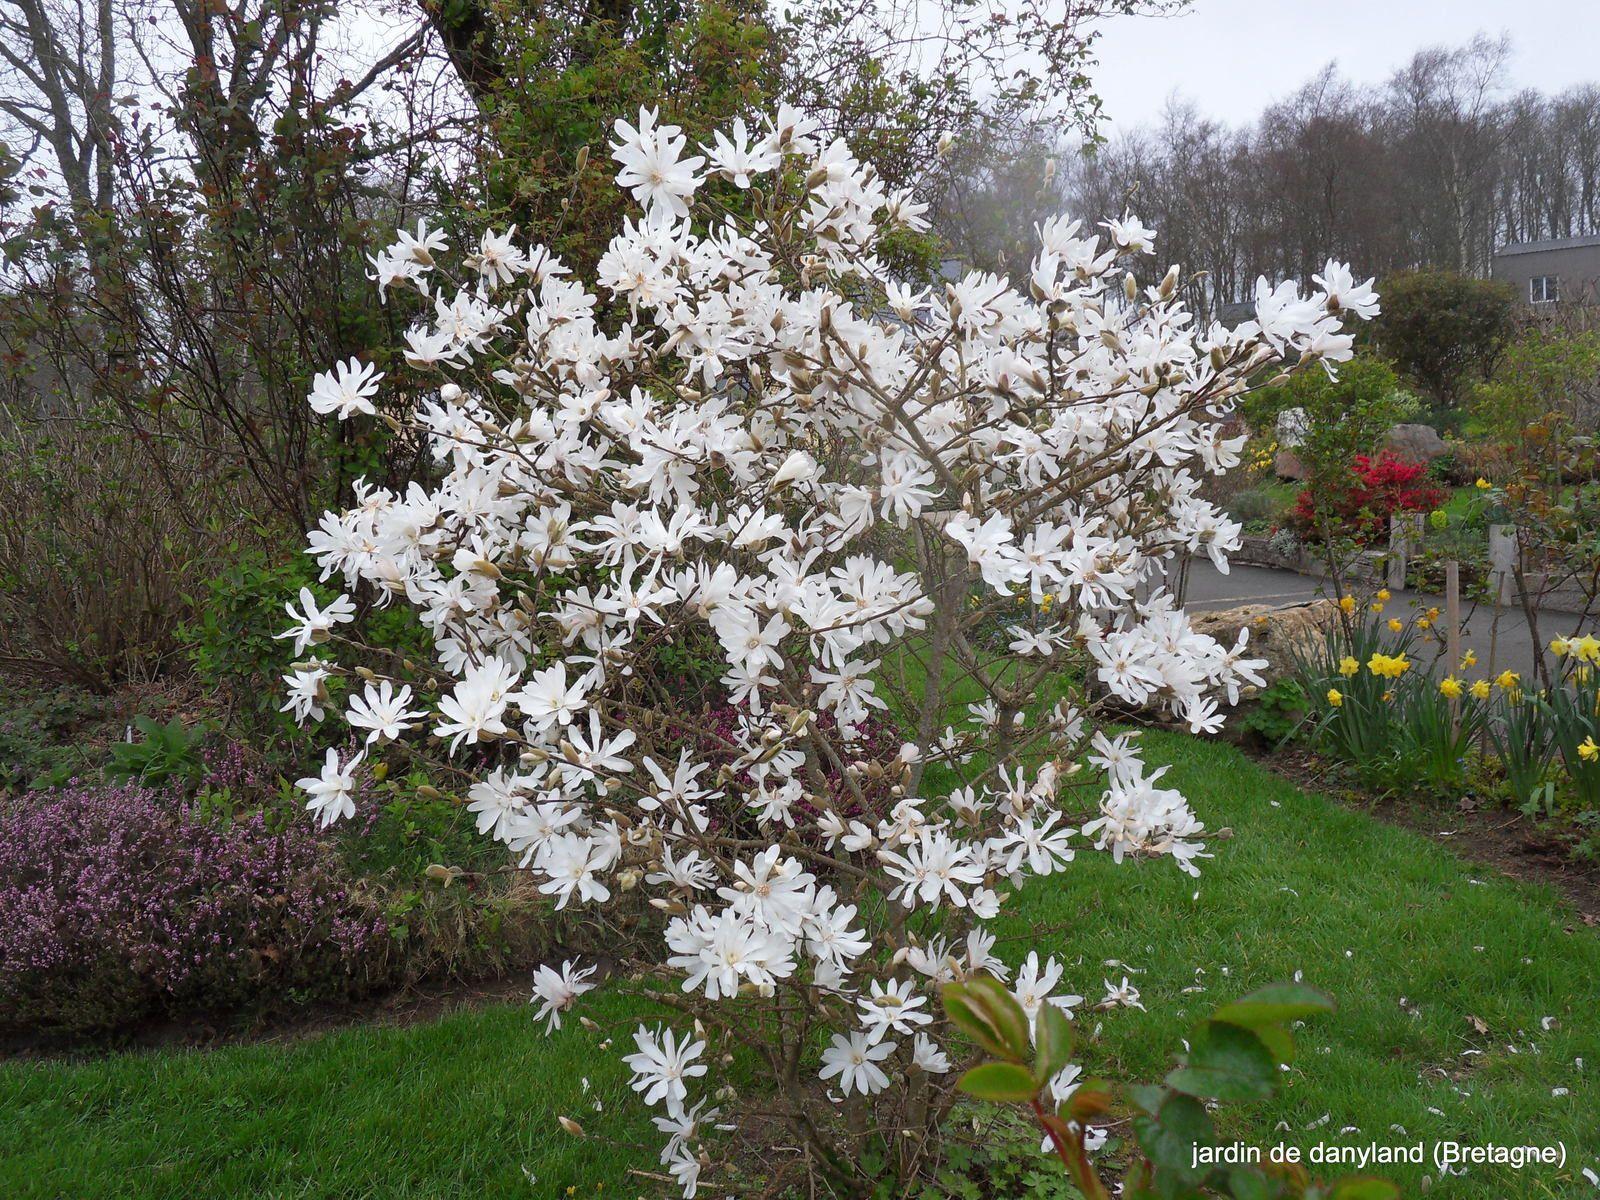 magnifique floraison en ce jour de printemps !!!!!